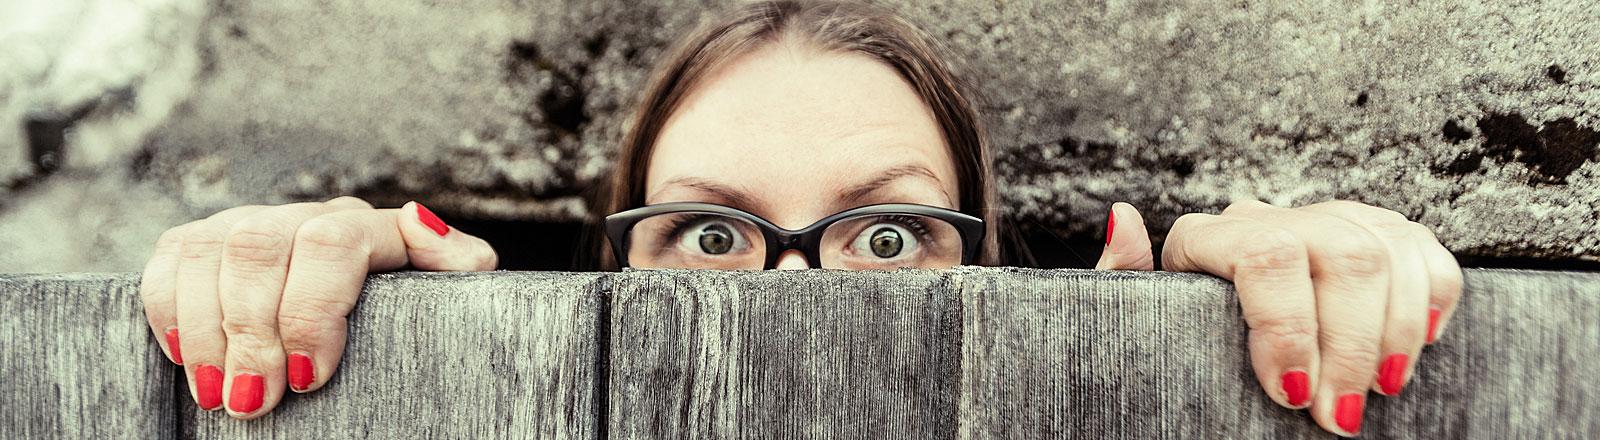 Junge Frau hinter einer Mauer